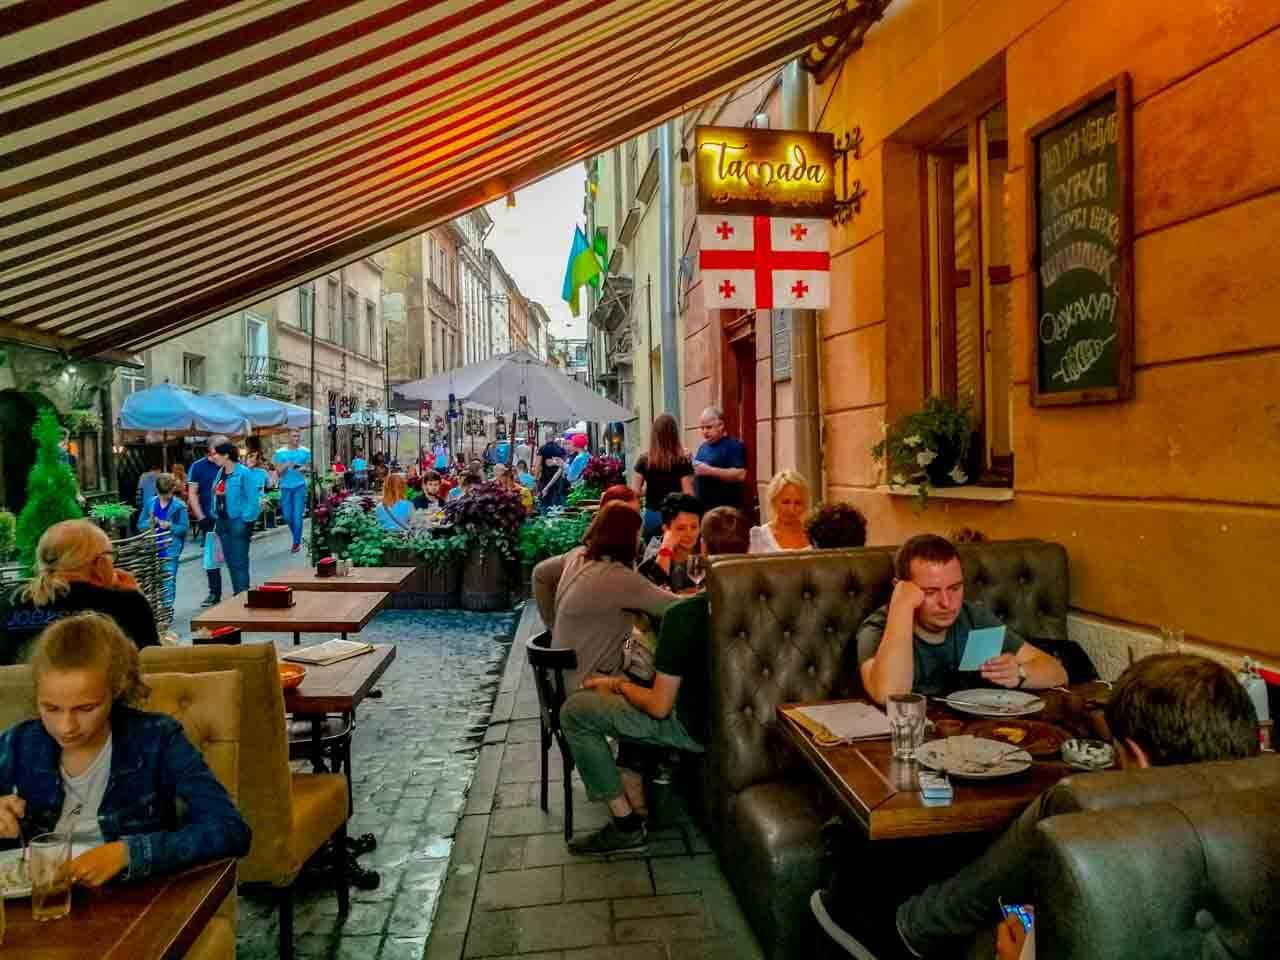 Restaurante de comida da Geórgia em Lviv com preço bem acessível (uma das gastronomias que mais apreciamos no mundo!).